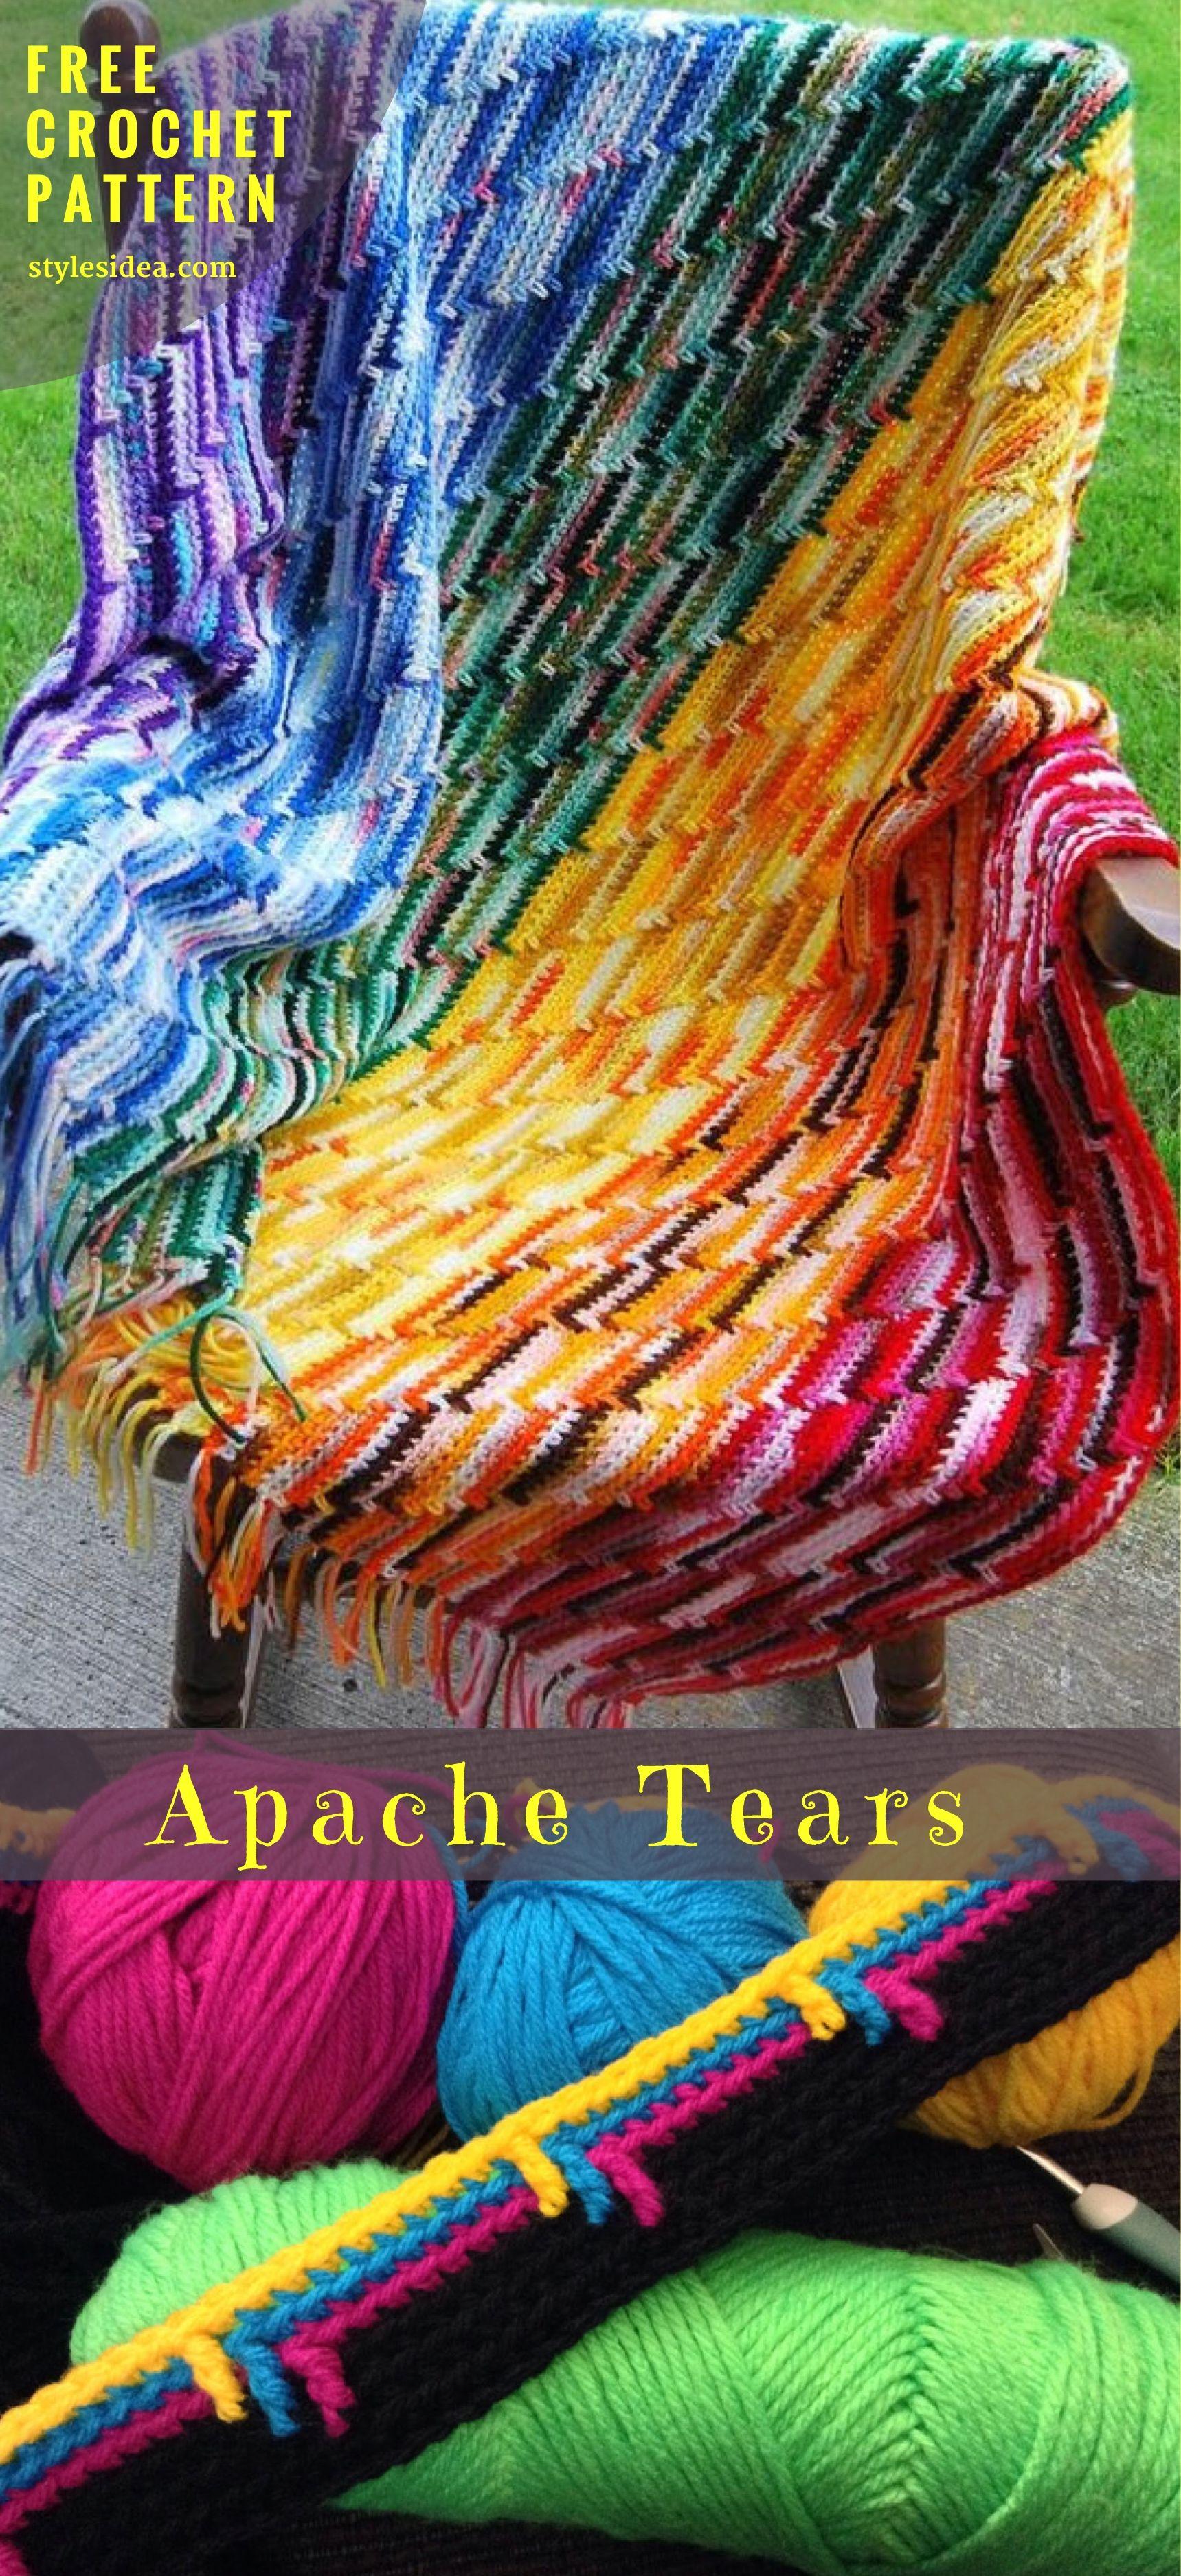 Apache Tears [Free Crochet Pattern | Crochet blankets, Free crochet ...